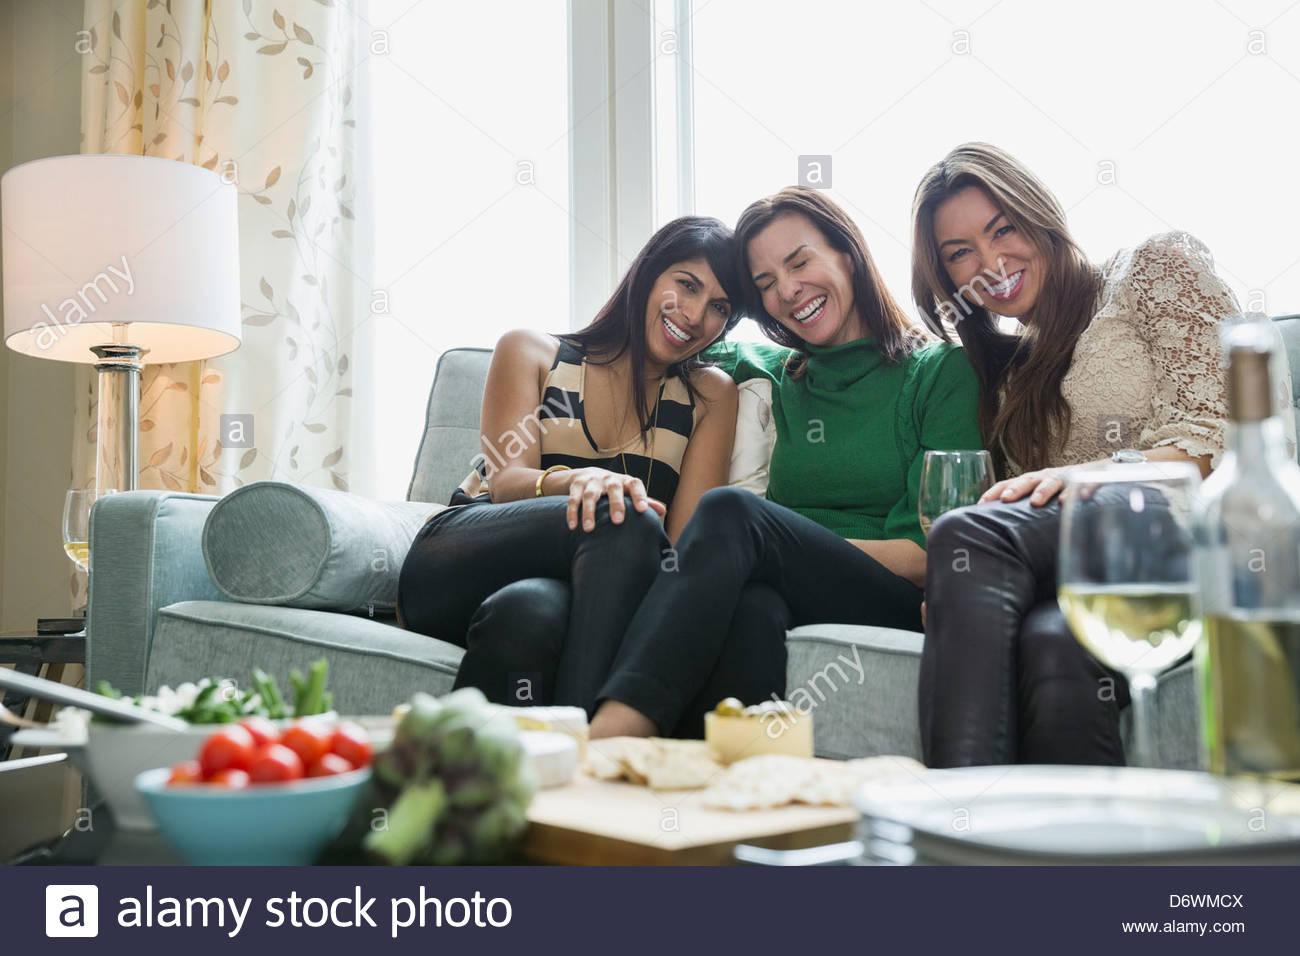 Gerne Reife Frauen genießen House-Party mit Lebensmitteln im Vordergrund Stockbild